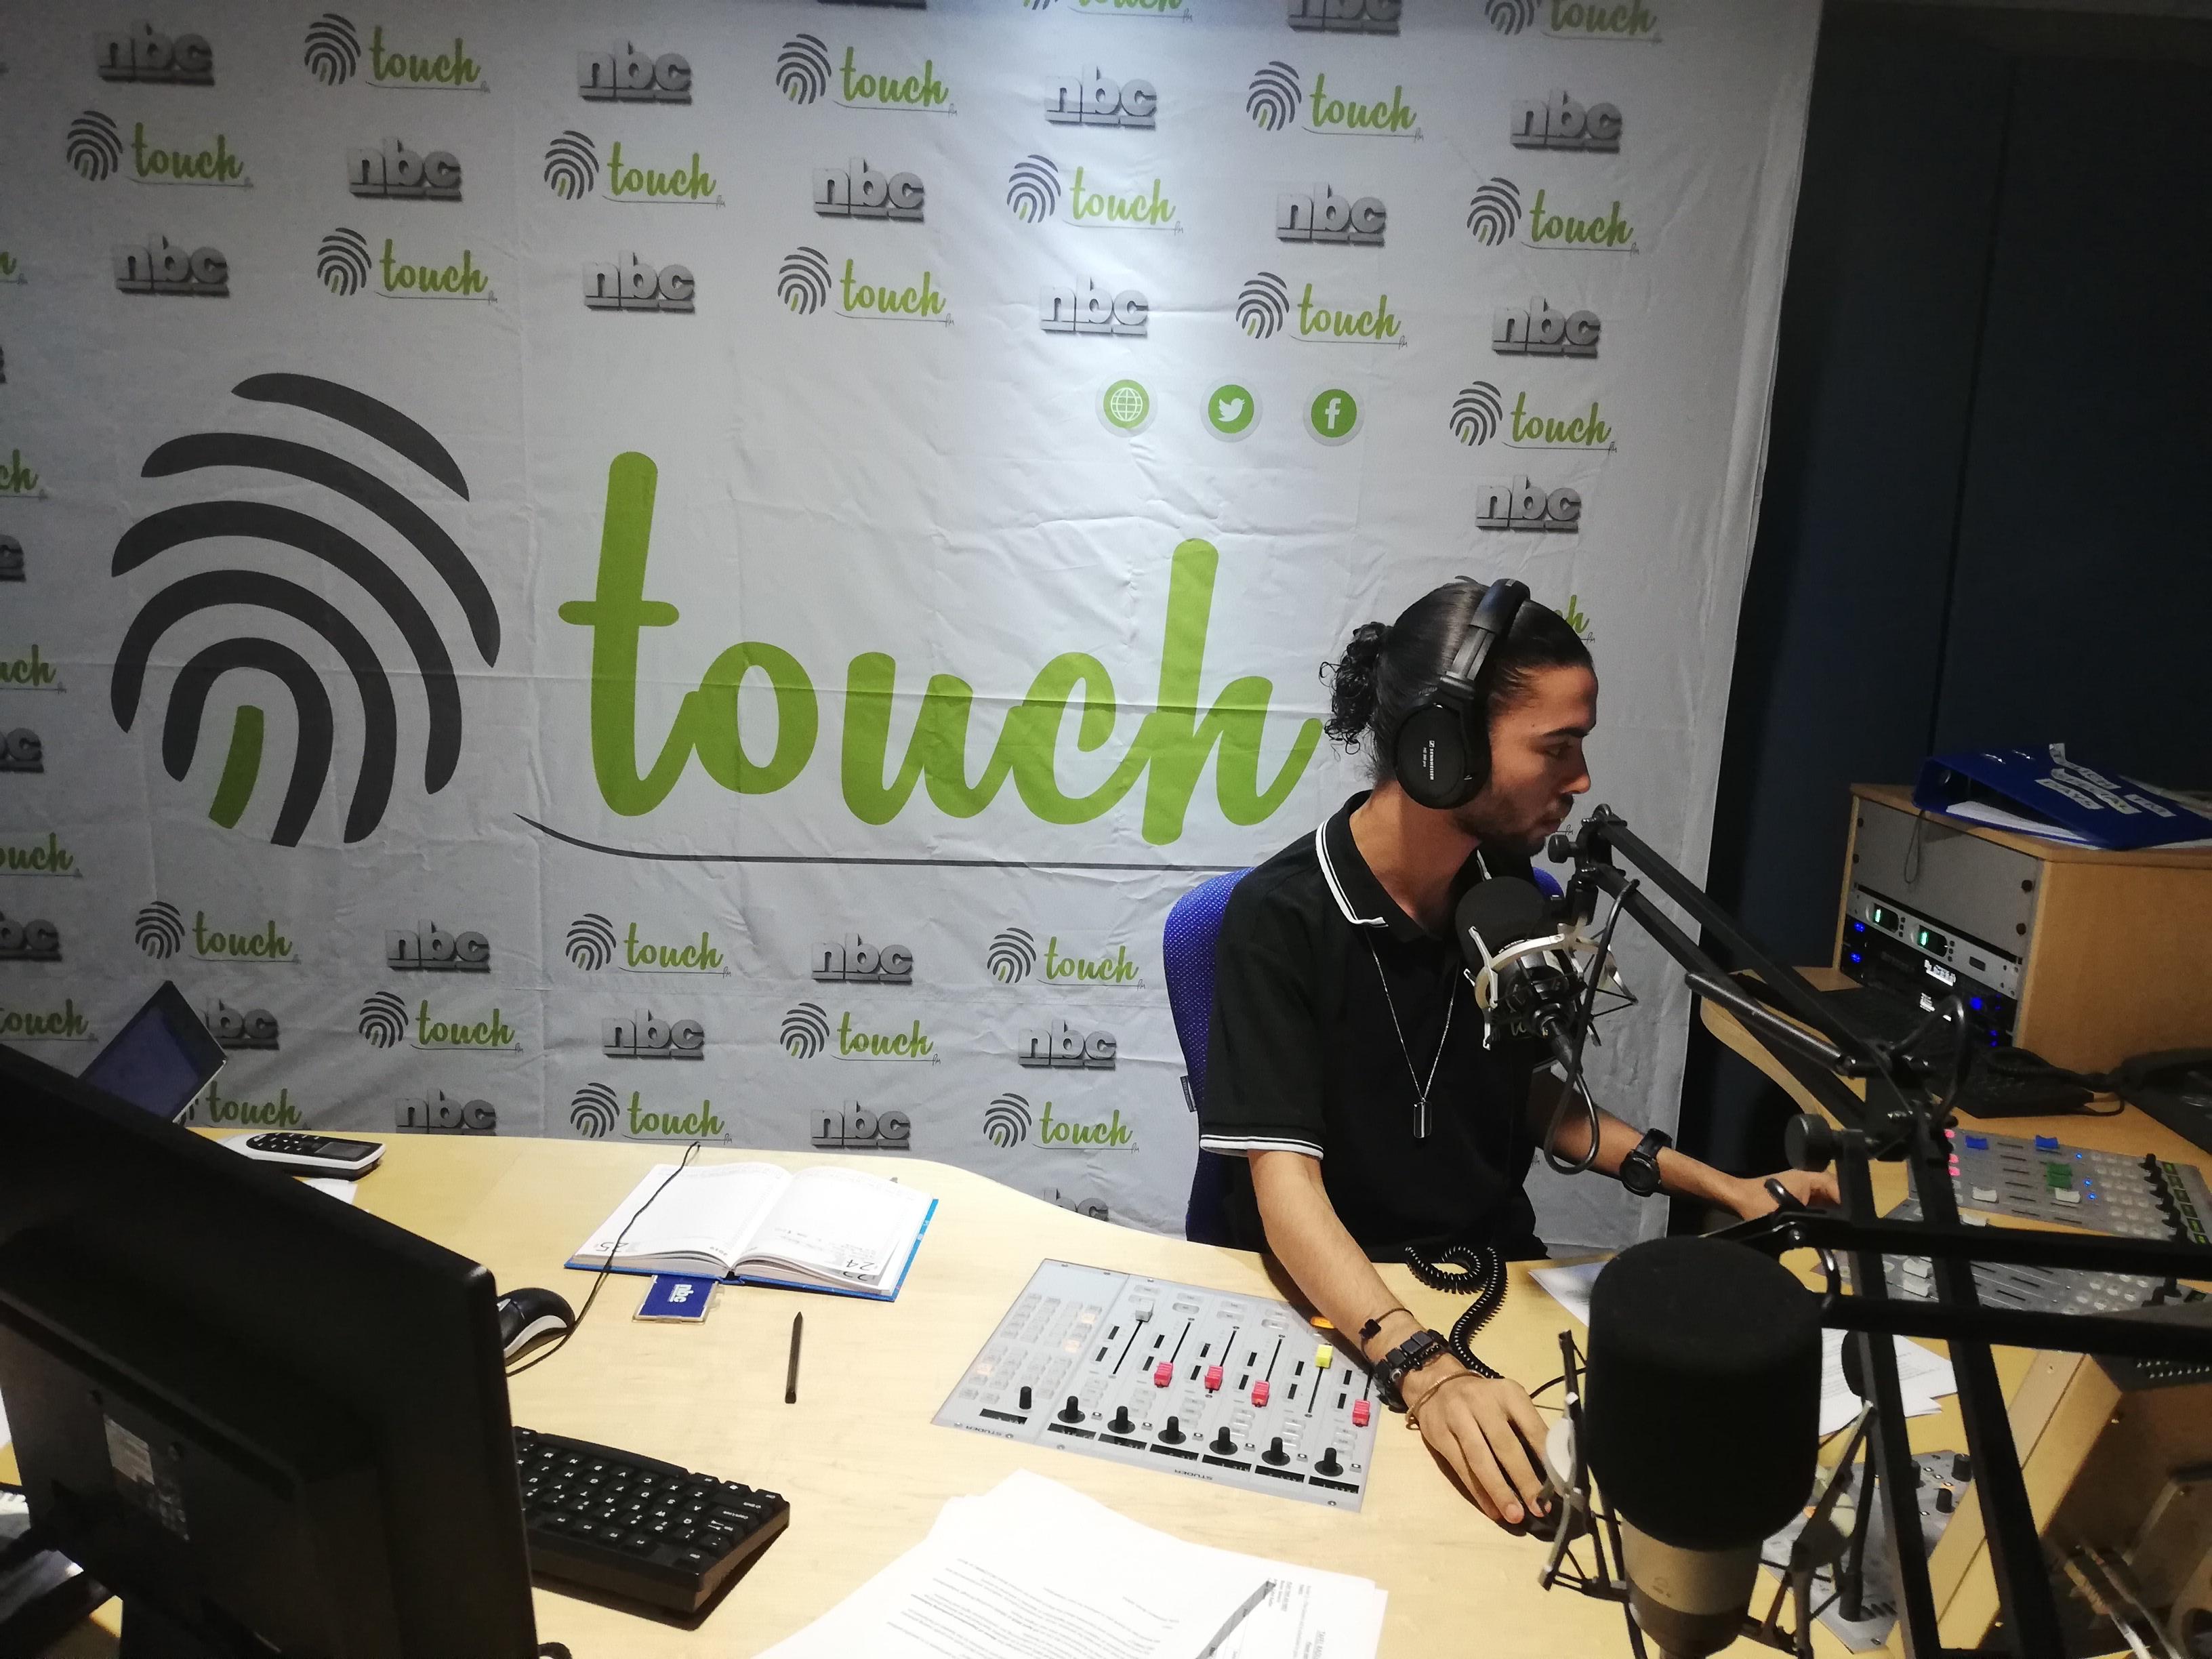 TouchFM